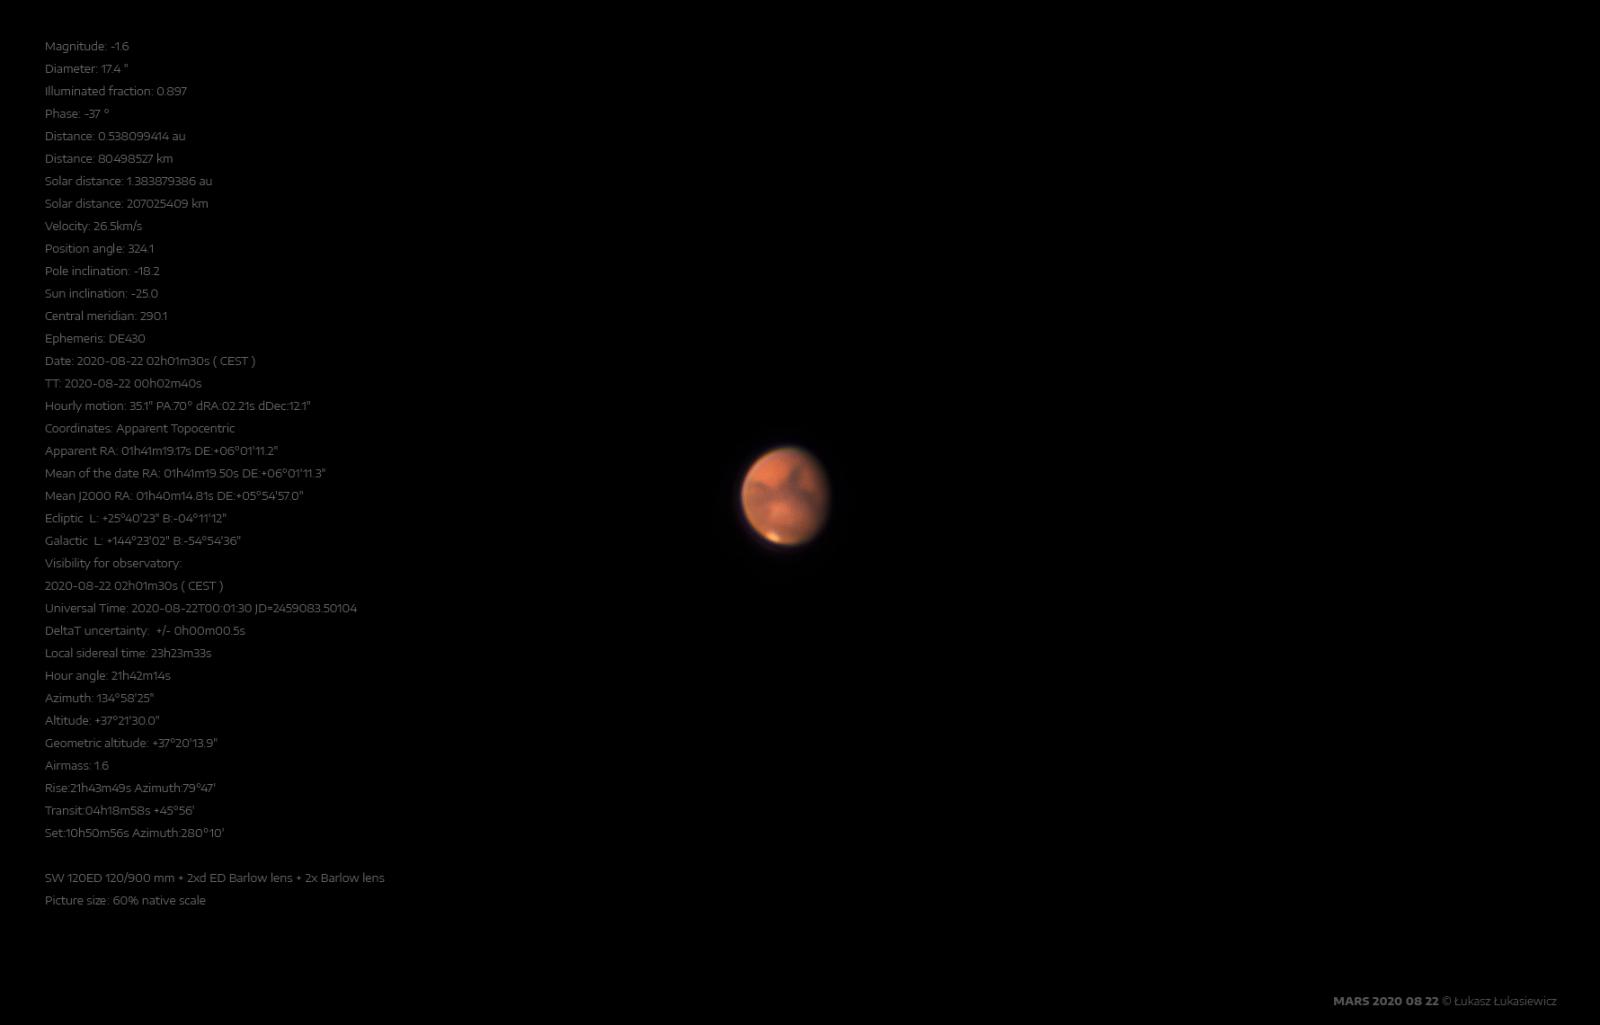 MARS-2020-08-22d.png